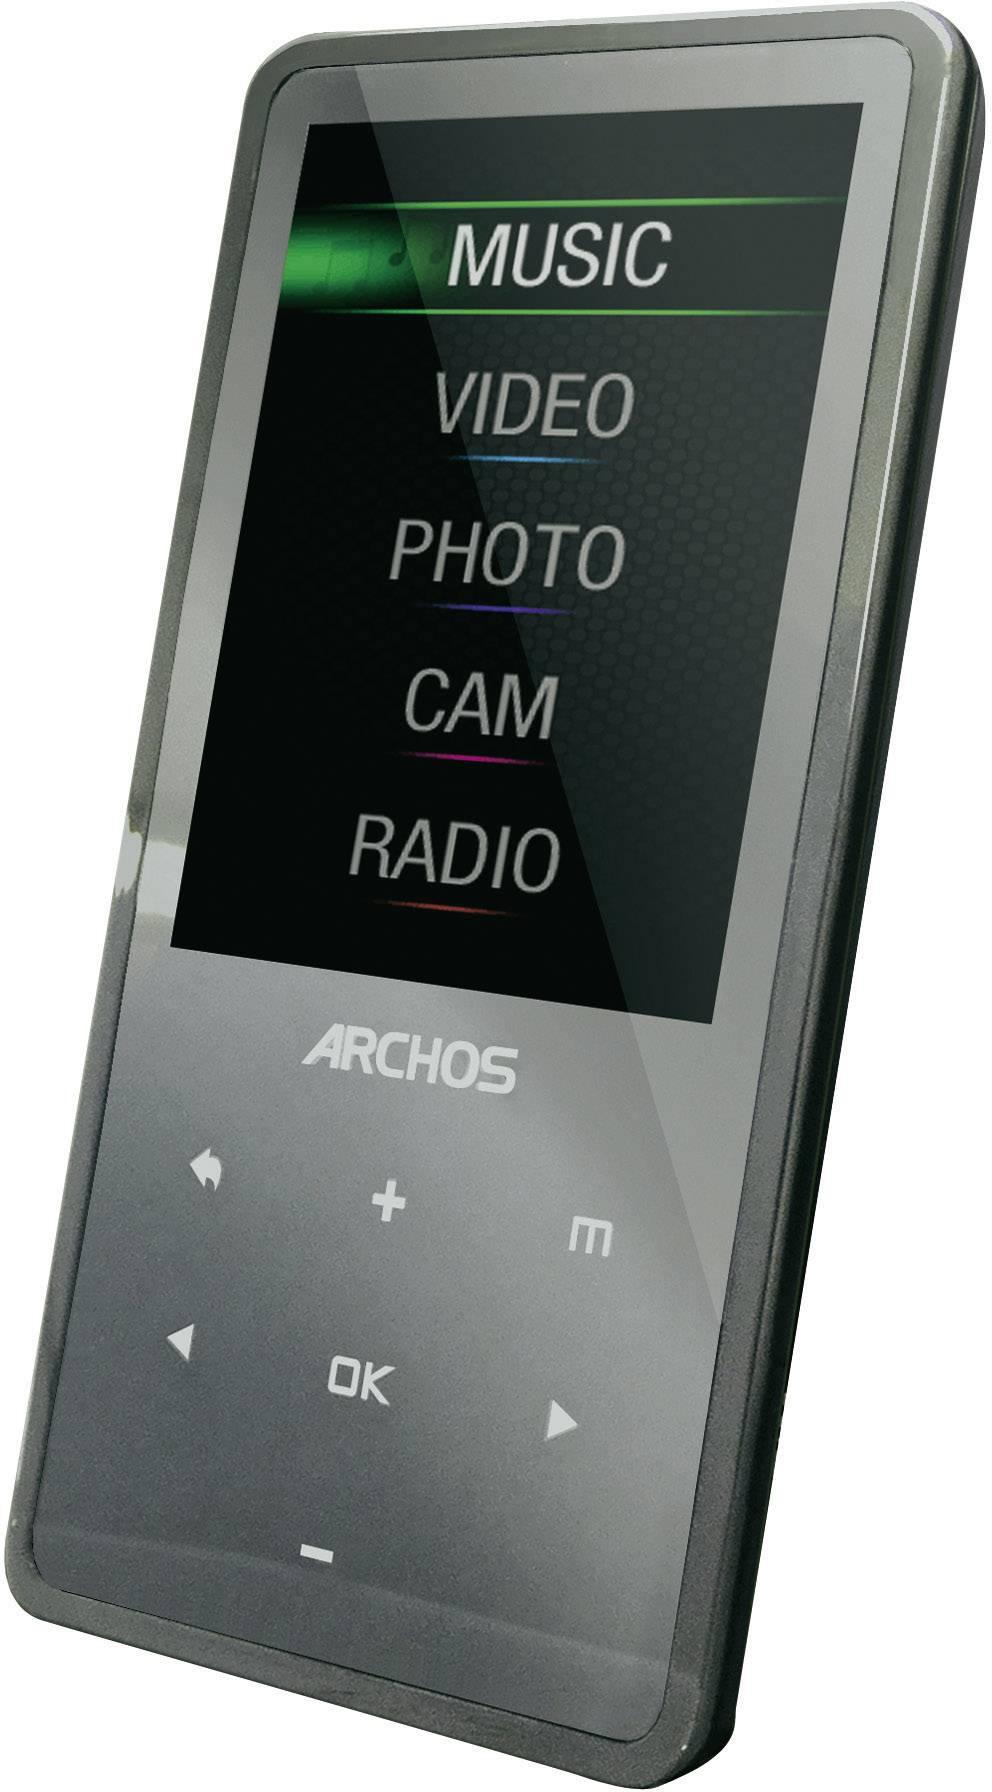 archos 24c vision multimedia player 8 gb 8 gb grey from conrad rh conrad electronic co uk Archos 43 Internet Tablet Archos 28 Internet Tablet